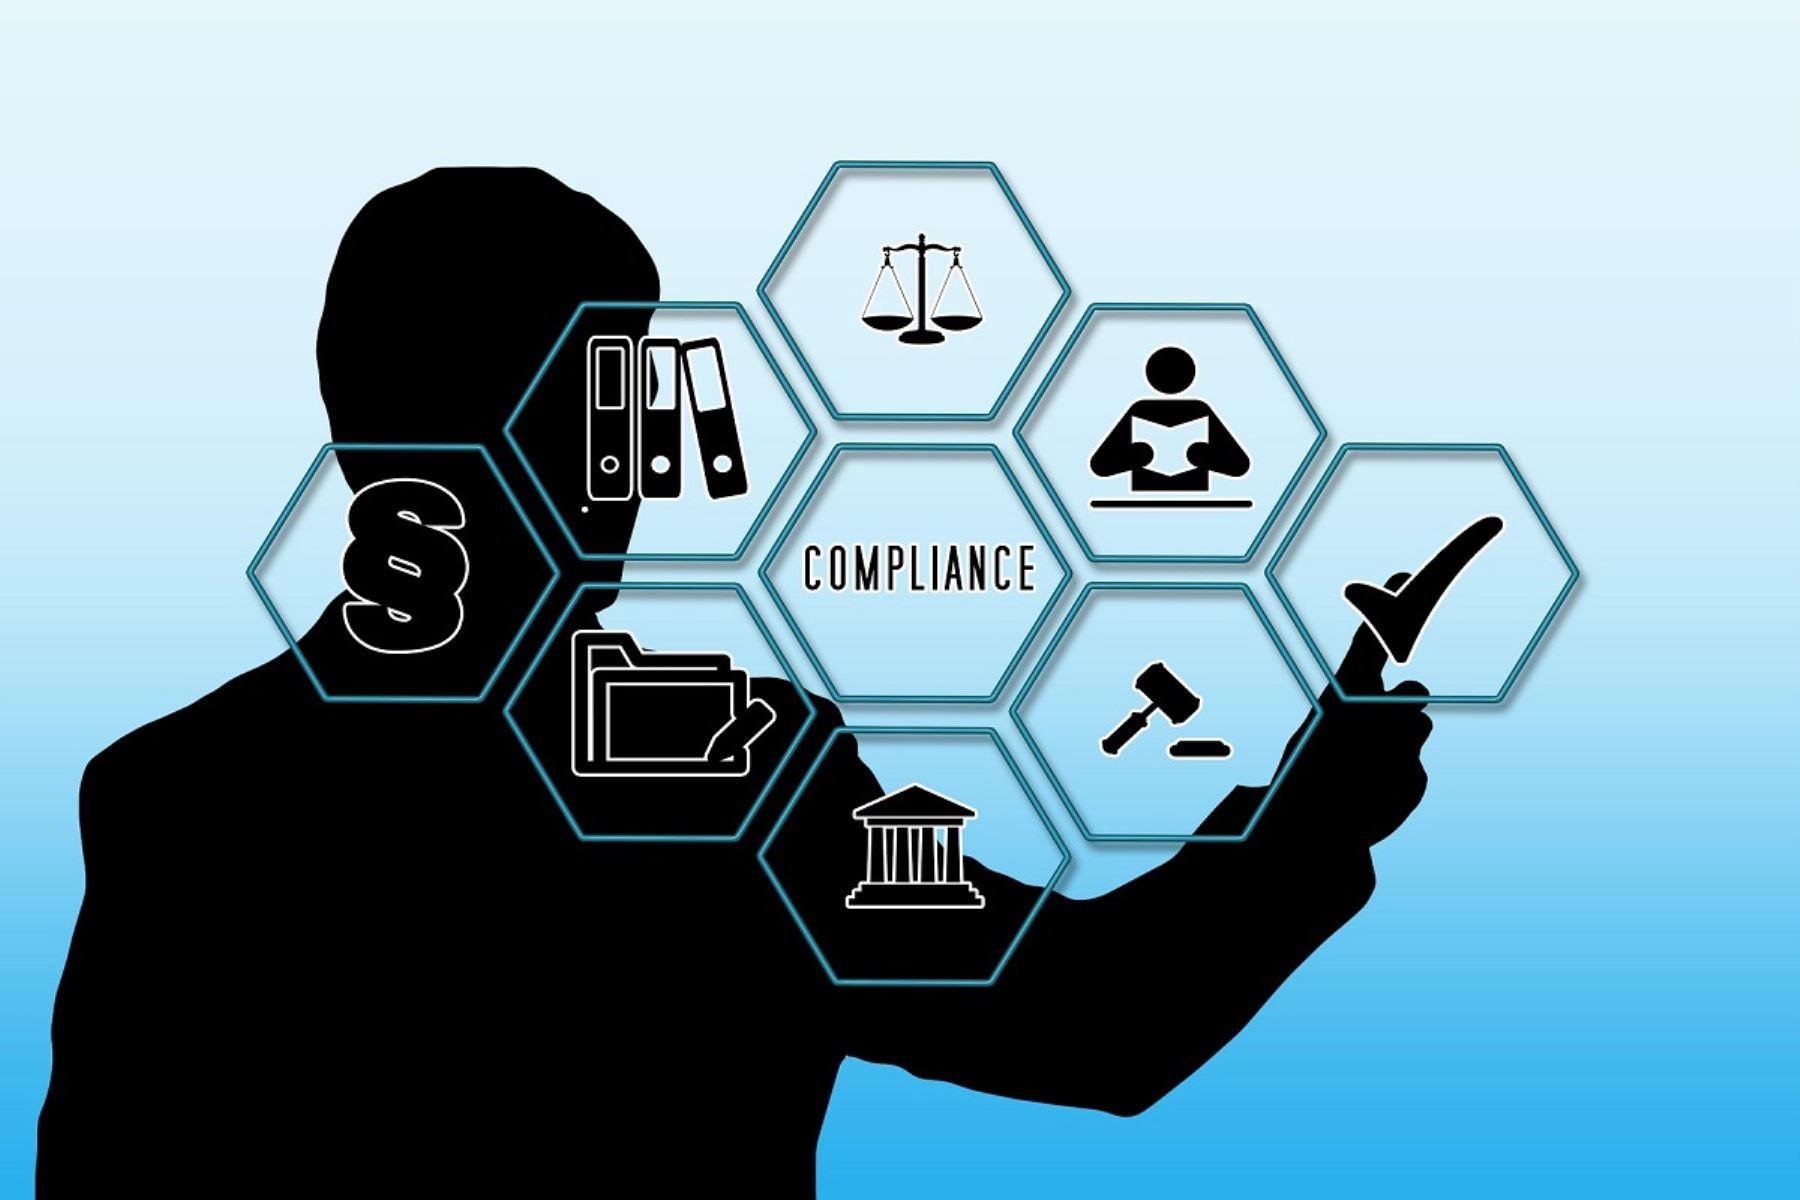 ¿Qué se debe tomar en cuenta los procesos de compra-venta de las empresas?